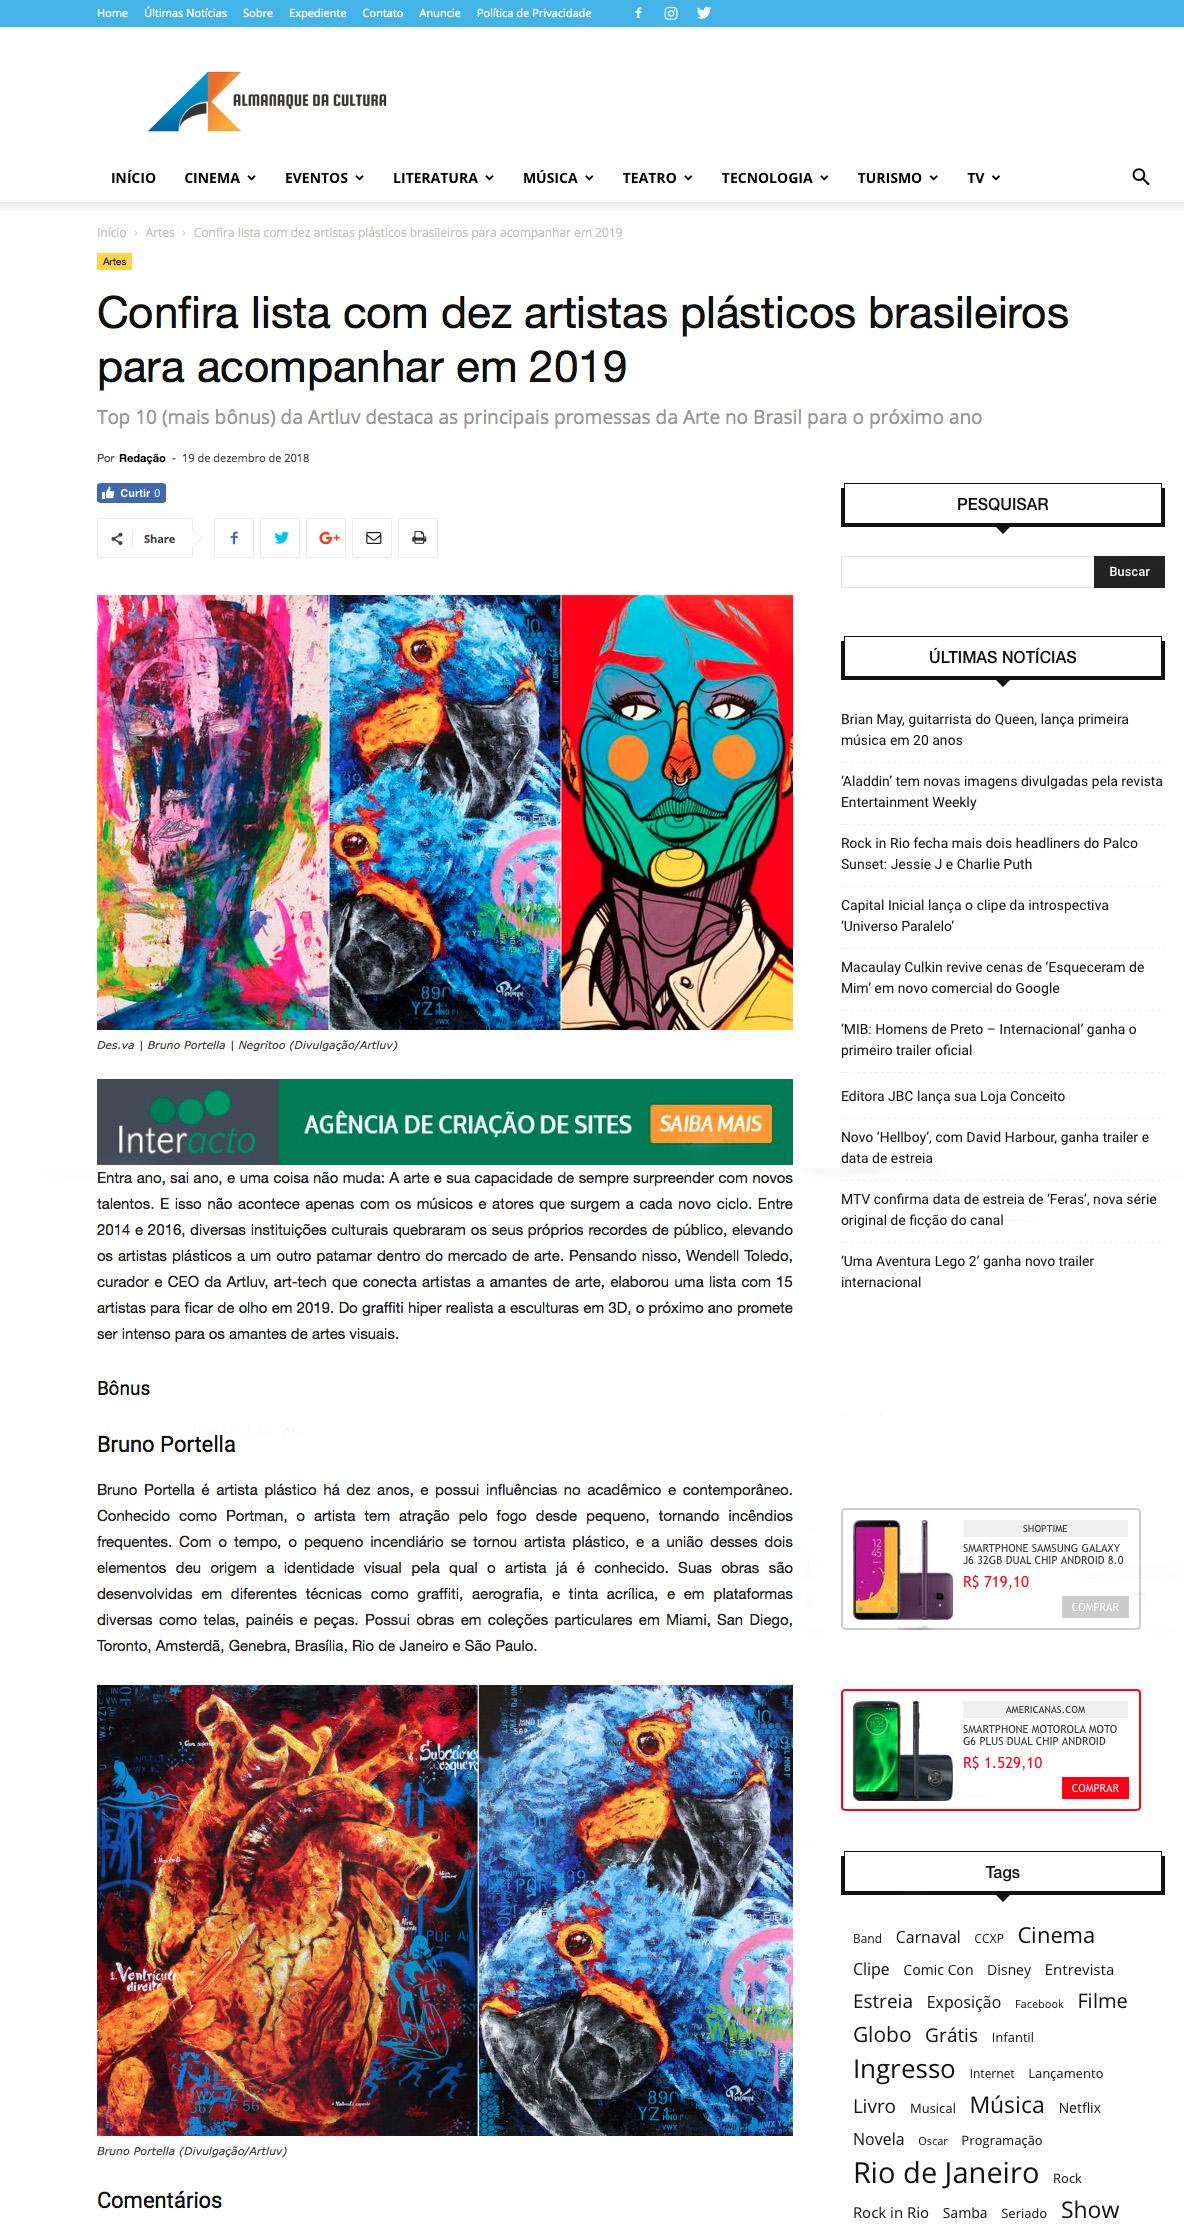 Almanaque_da_Cultura&ArtLuv_10Promessas_